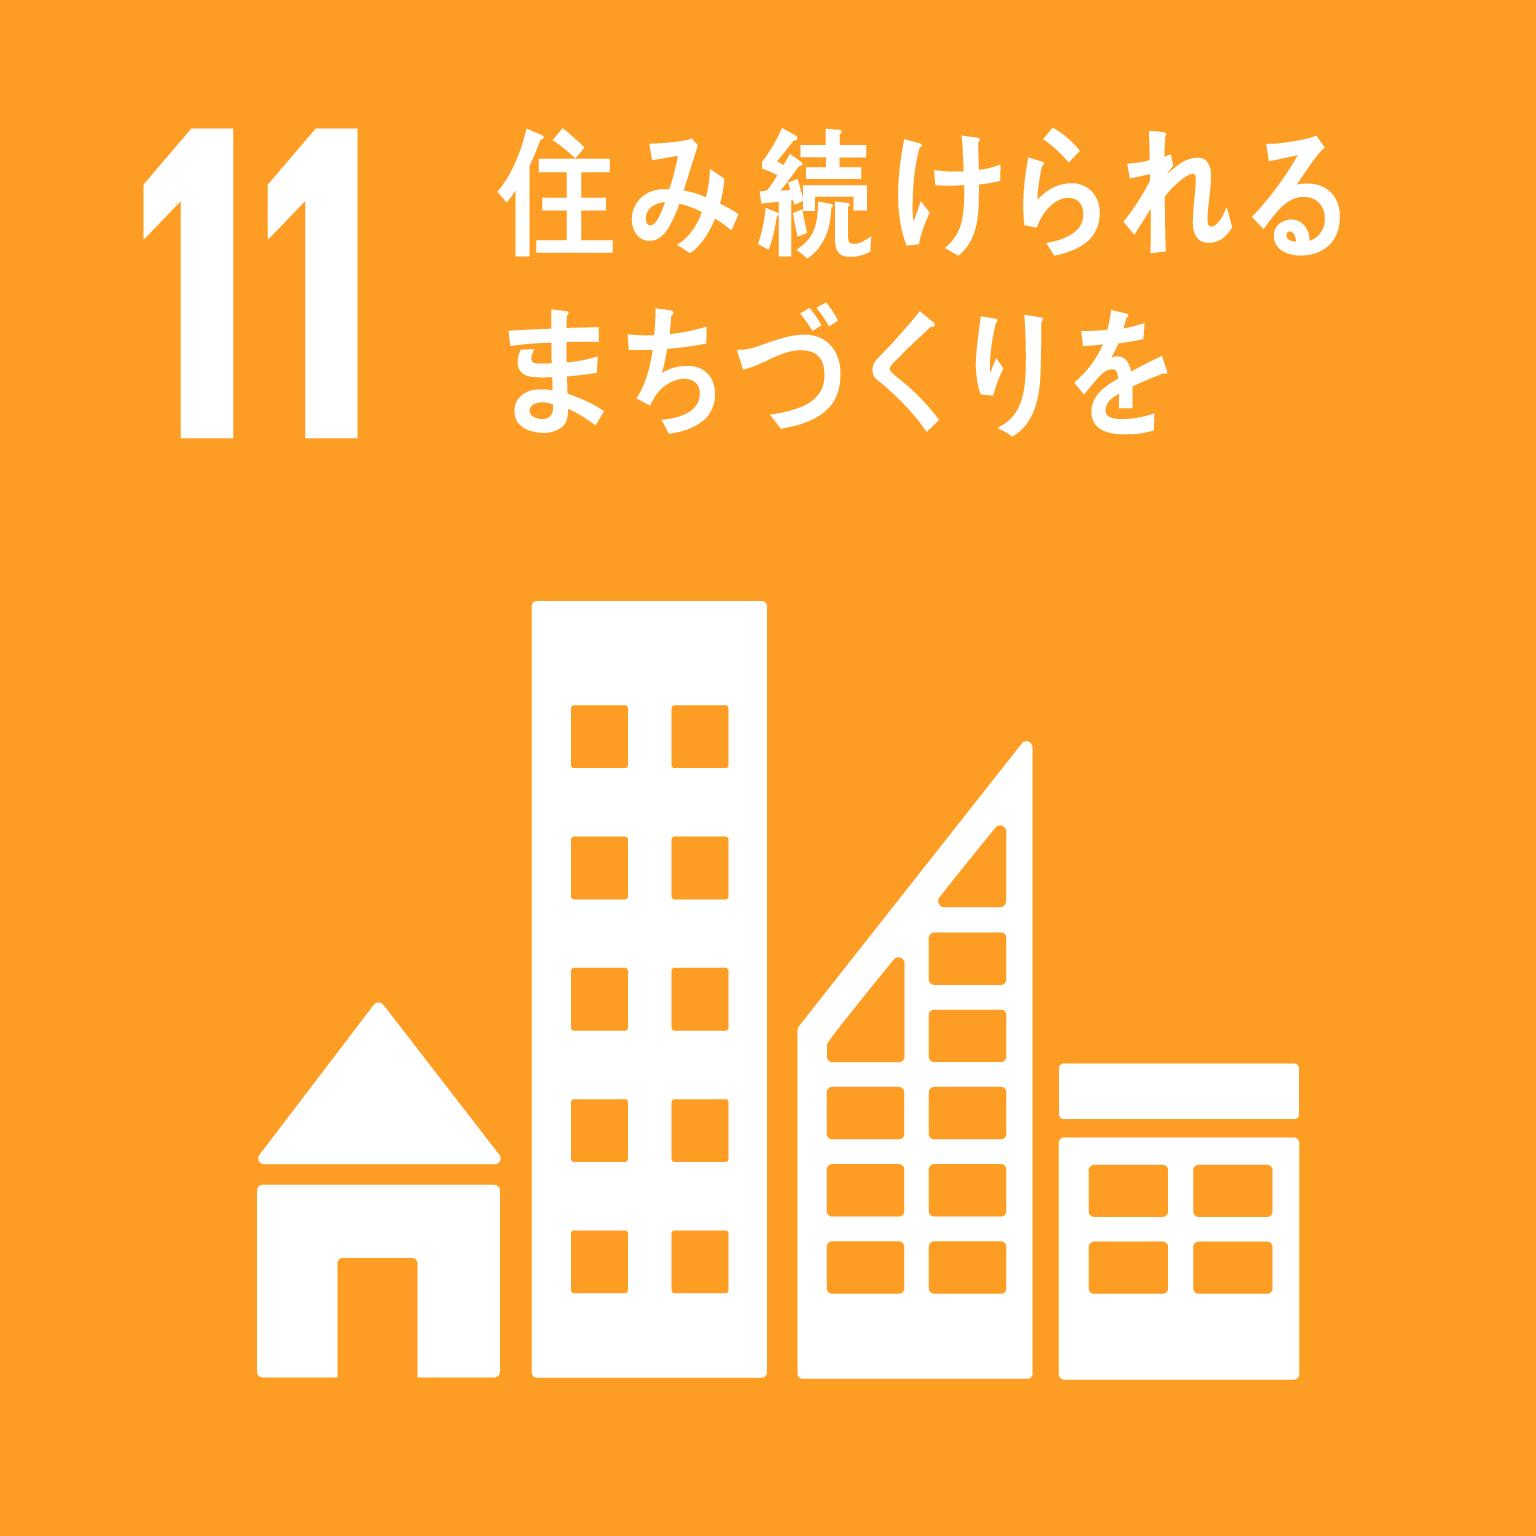 【ロゴ】SDGs11